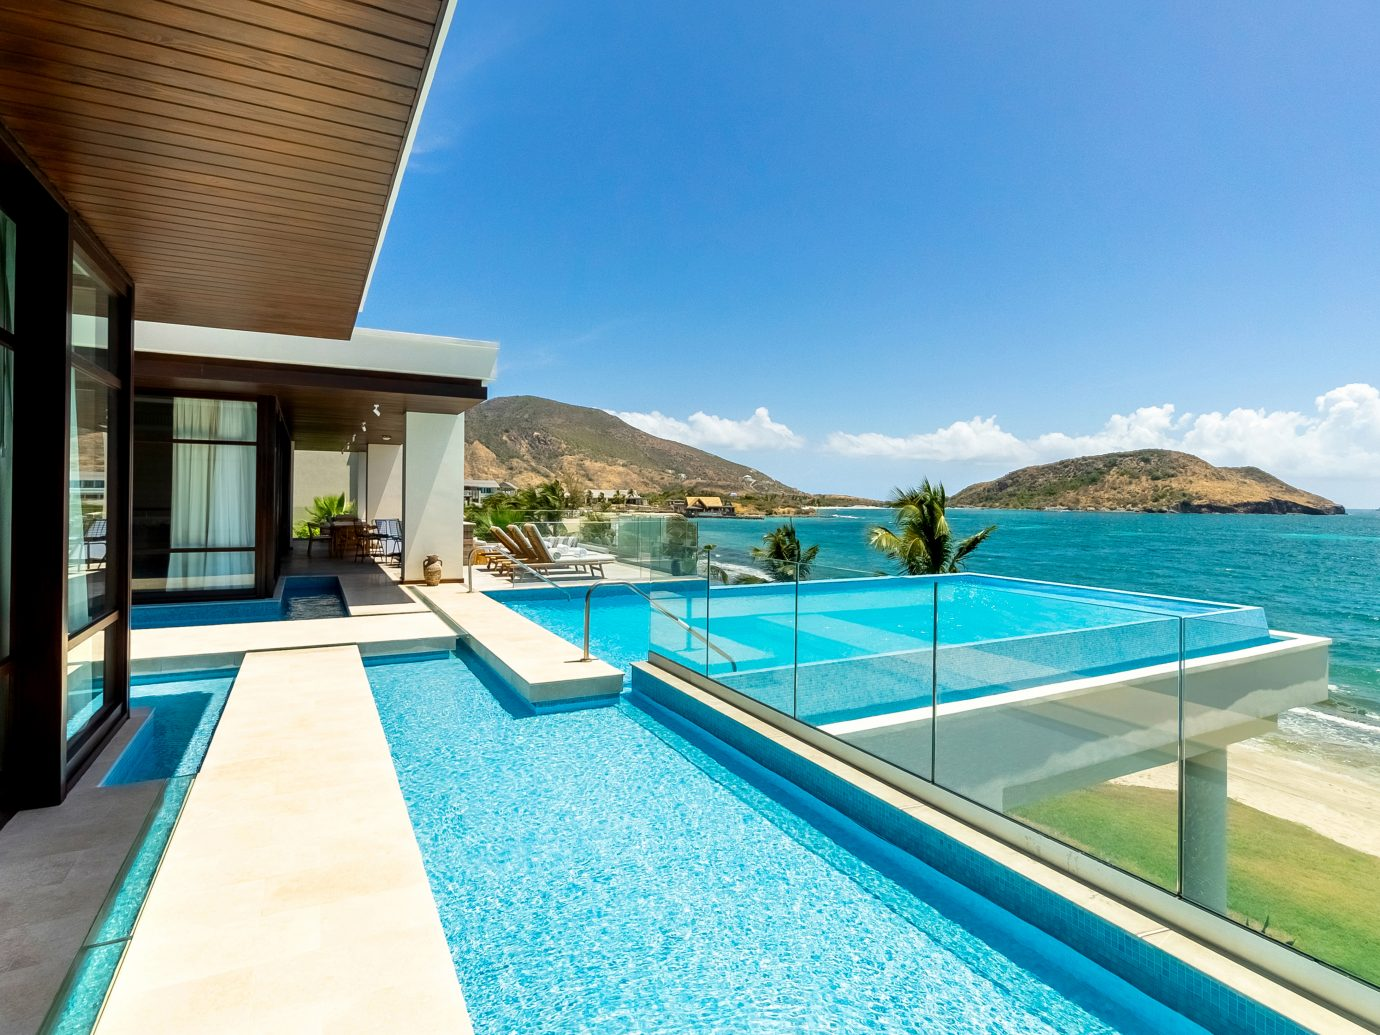 Presidential Villa pool at the Park Hyatt St. Kitts